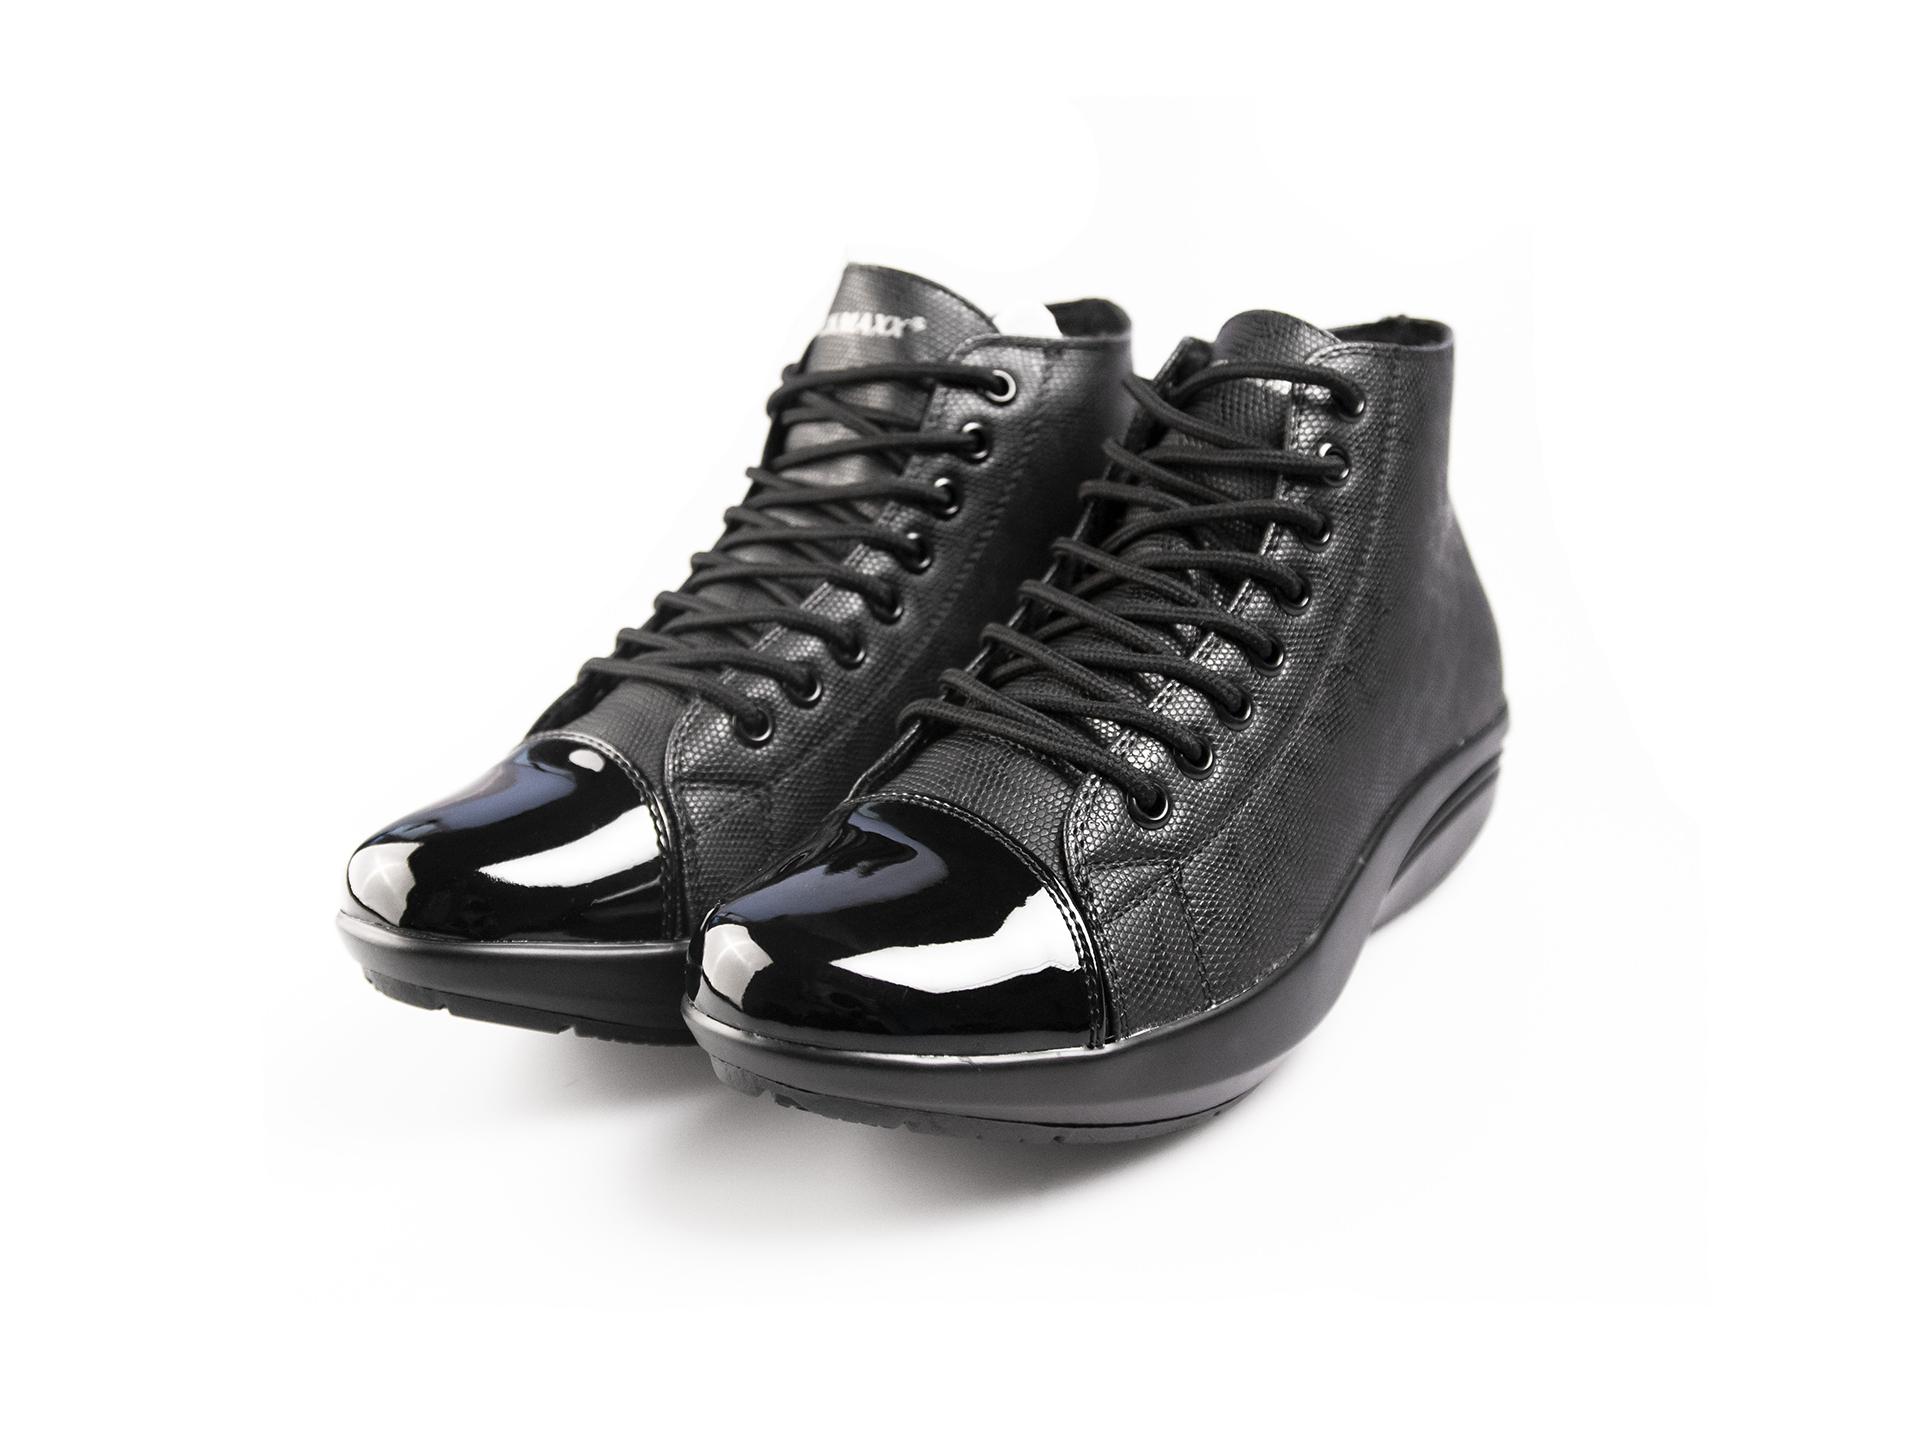 Comfort Elegant Wedge Shoes 3.0 a43f2b090957b